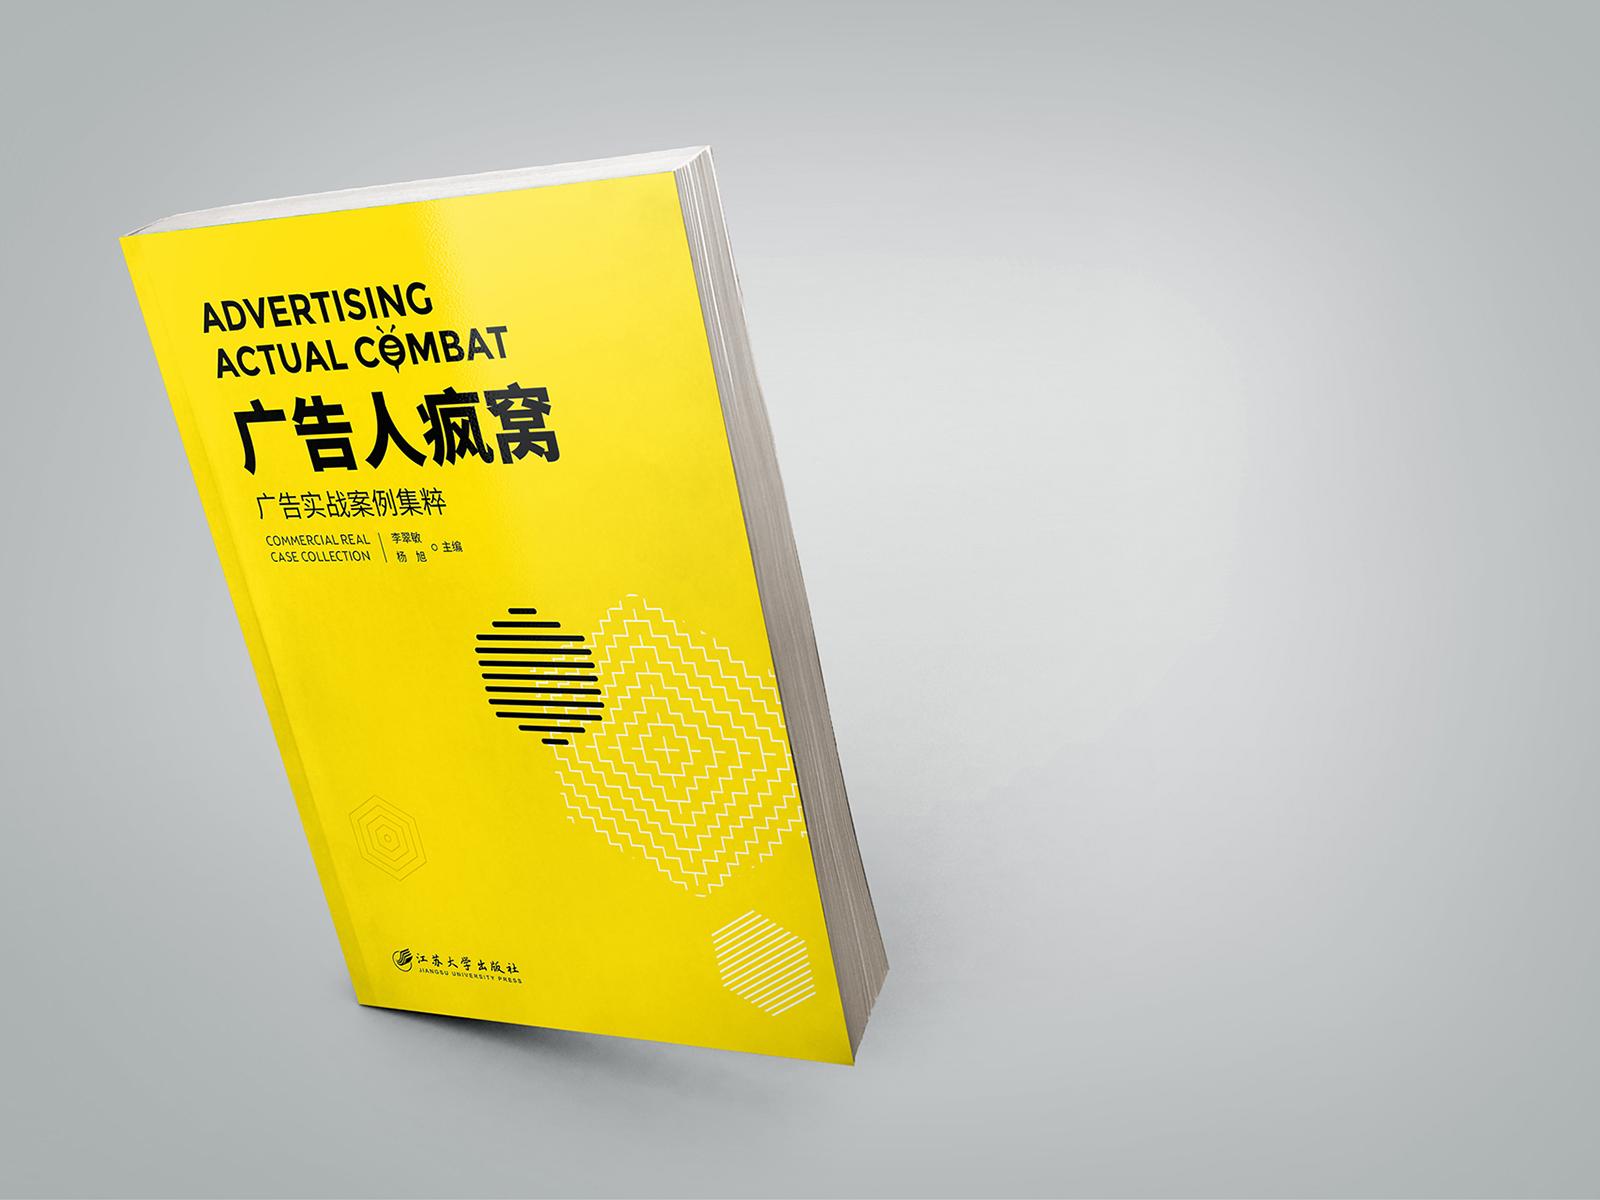 橙象多个作品入选江苏大学出版社新书《广告人疯窝》-深圳VI设计